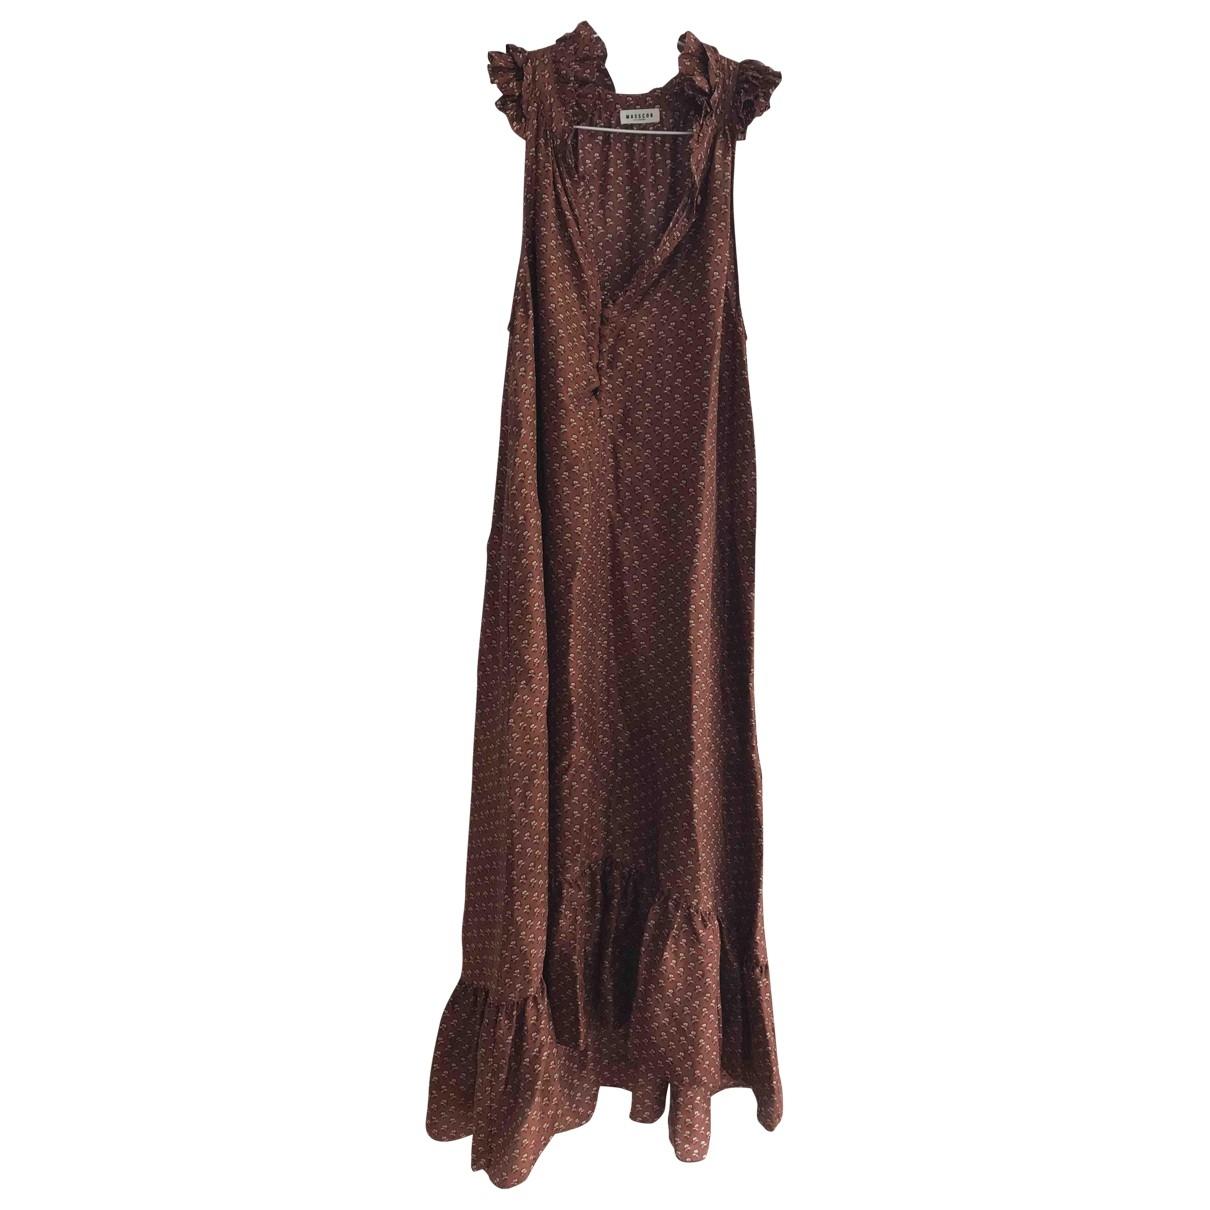 Masscob \N Kleid in  Braun Seide